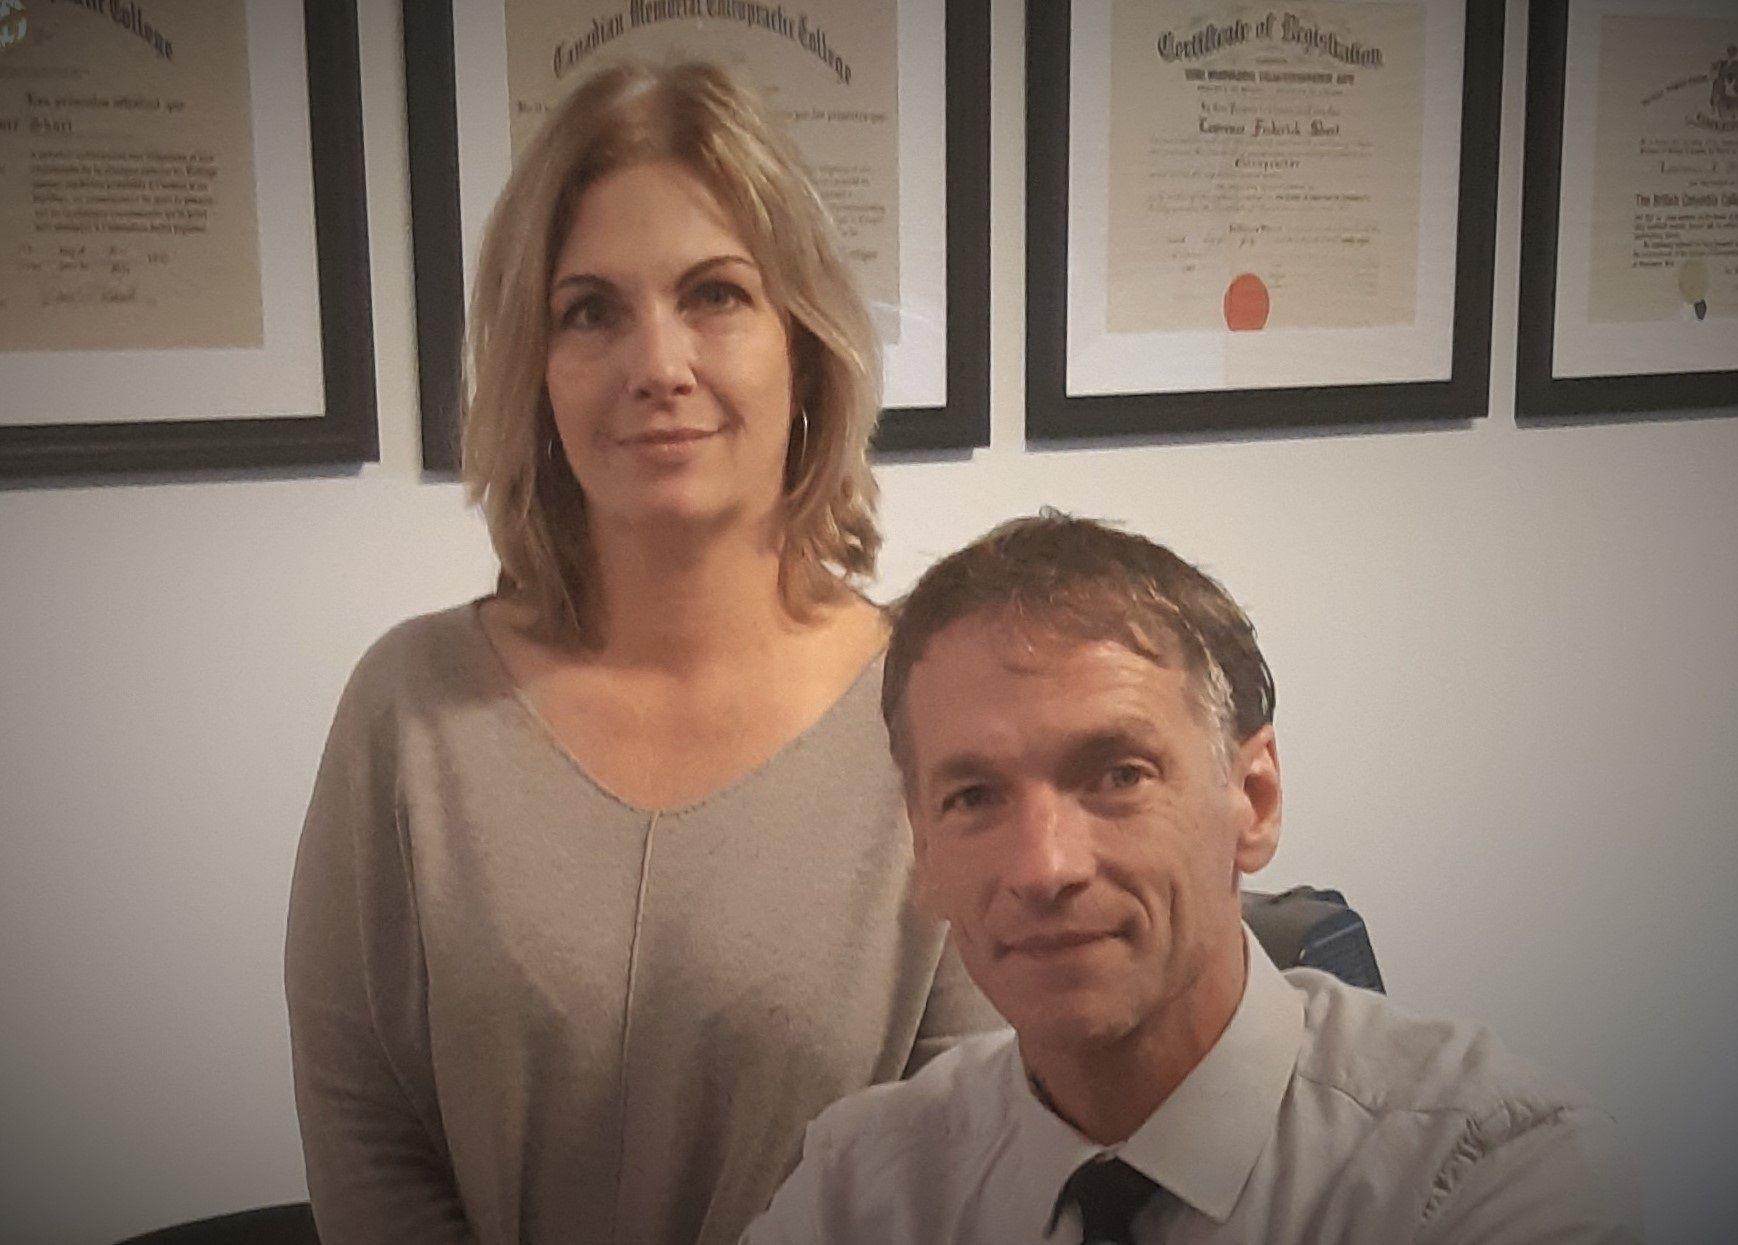 chiropractor in 2020 Family chiropractic, Best